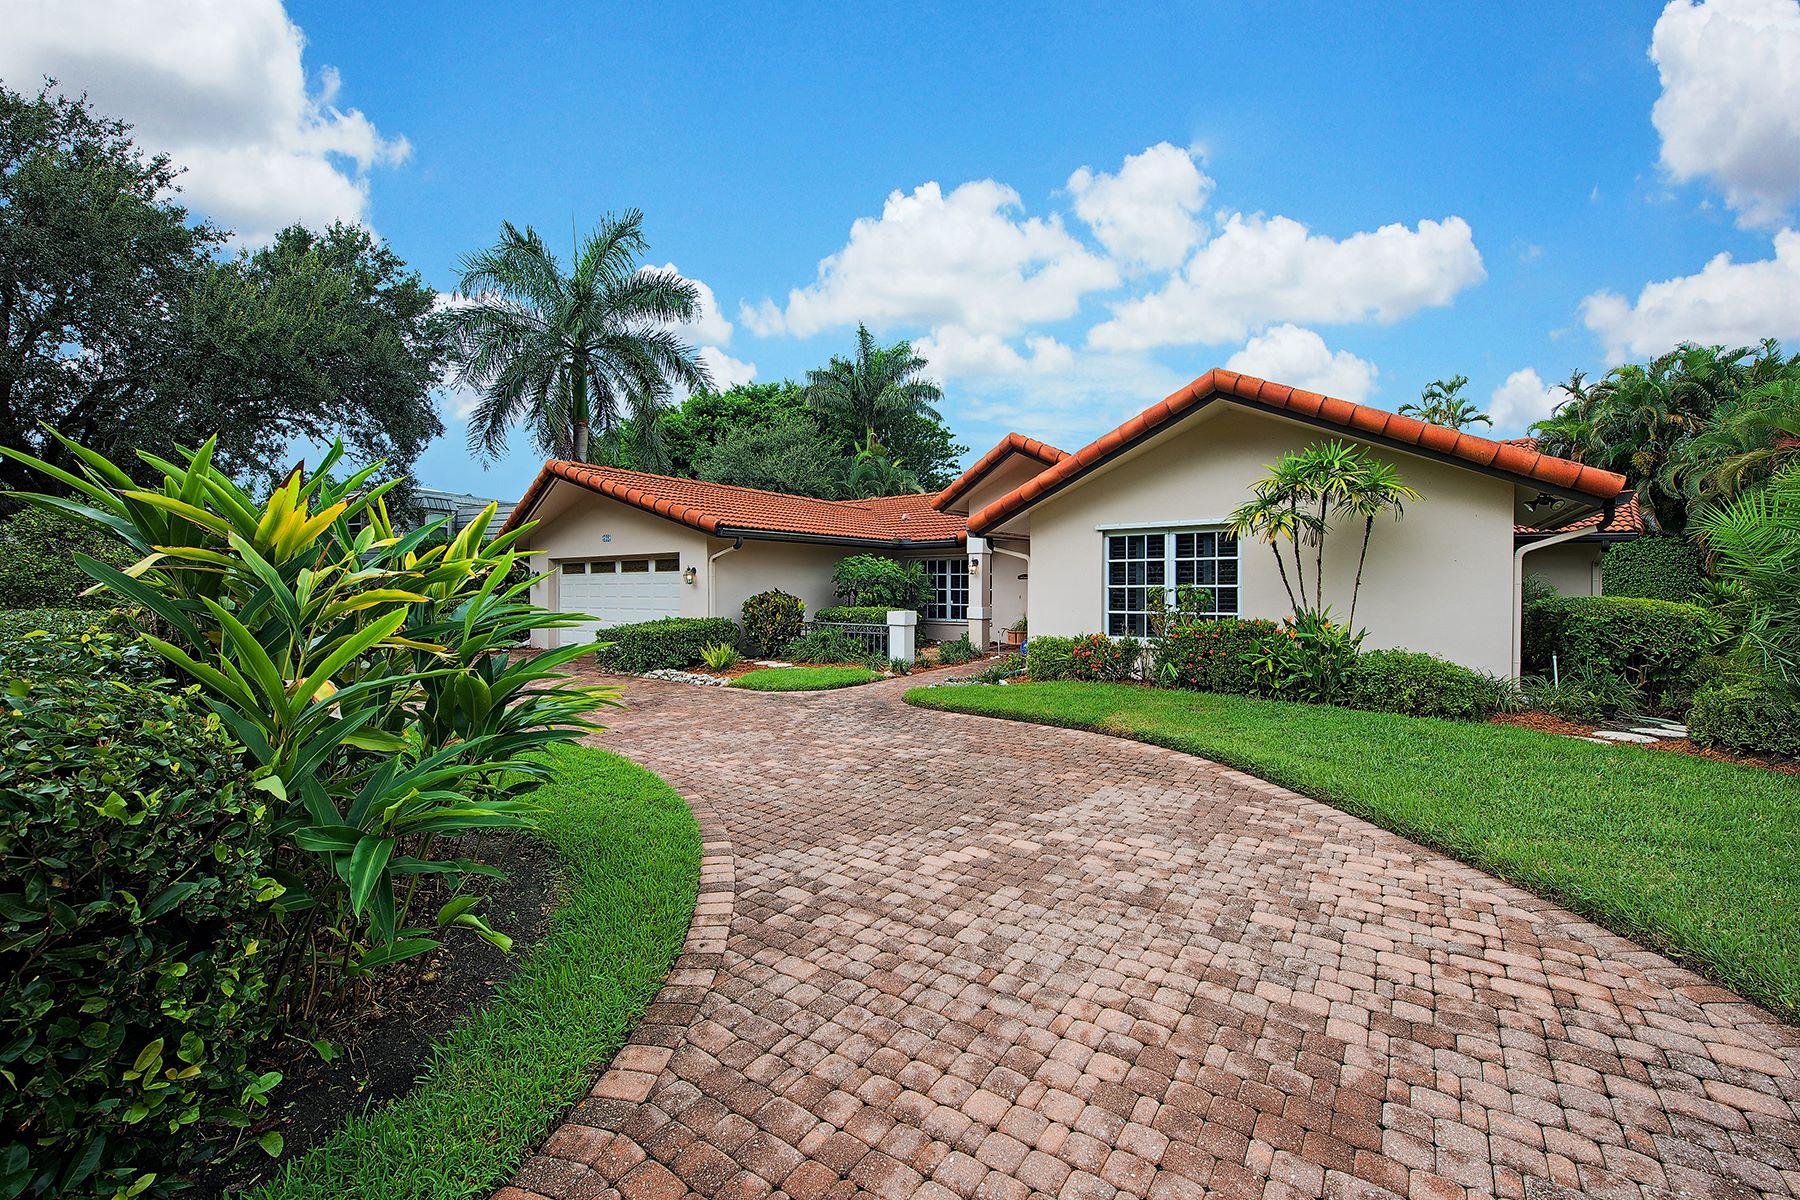 Tek Ailelik Ev için Satış at PARK SHORE 721 Willowhead Dr Naples, Florida, 34103 Amerika Birleşik Devletleri